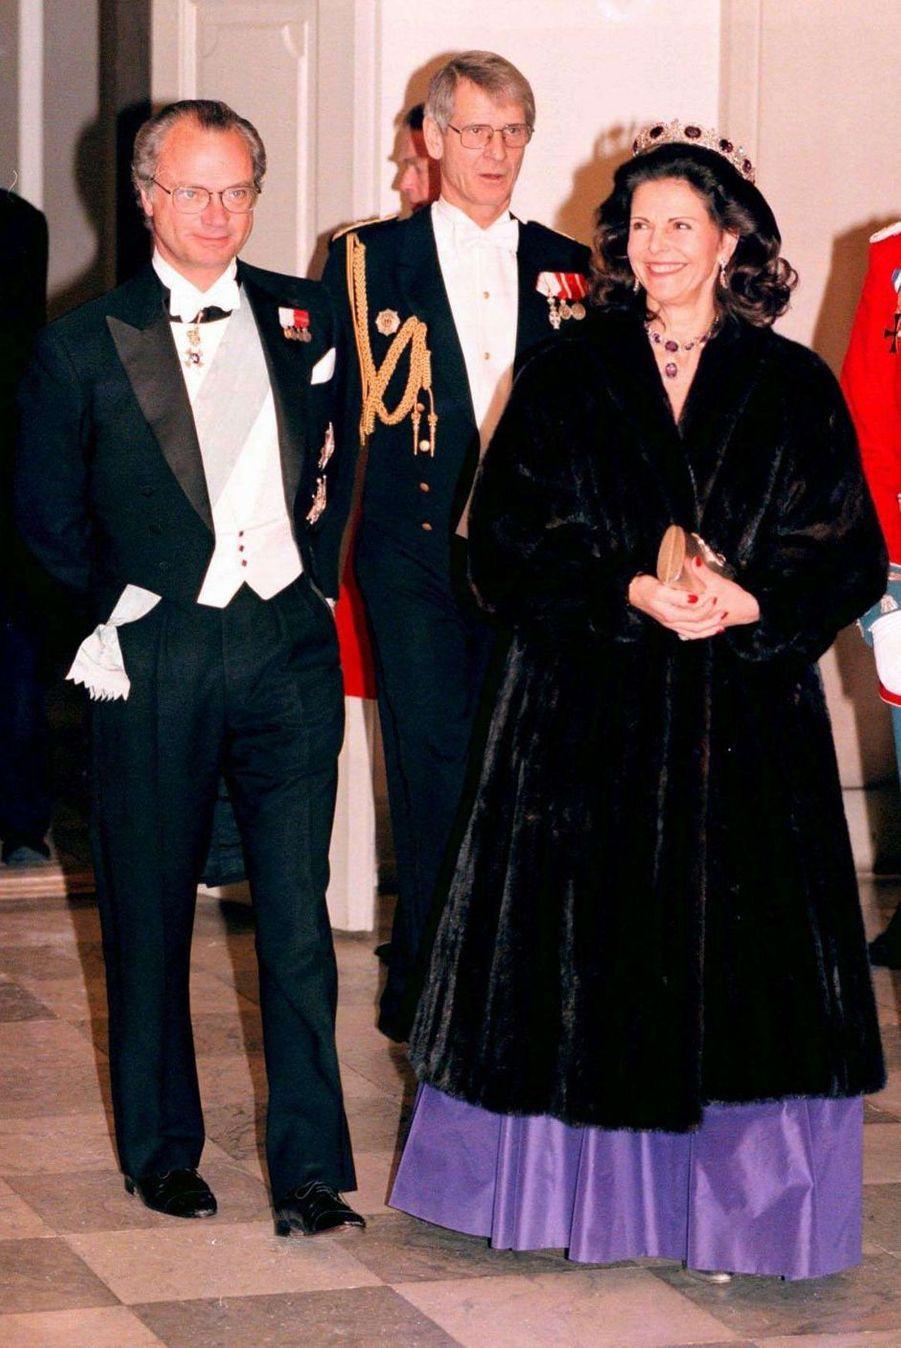 La reine Silvia et le roi Carl XVI Gustaf de Suède, à Copenhague le 17 novembre 1995